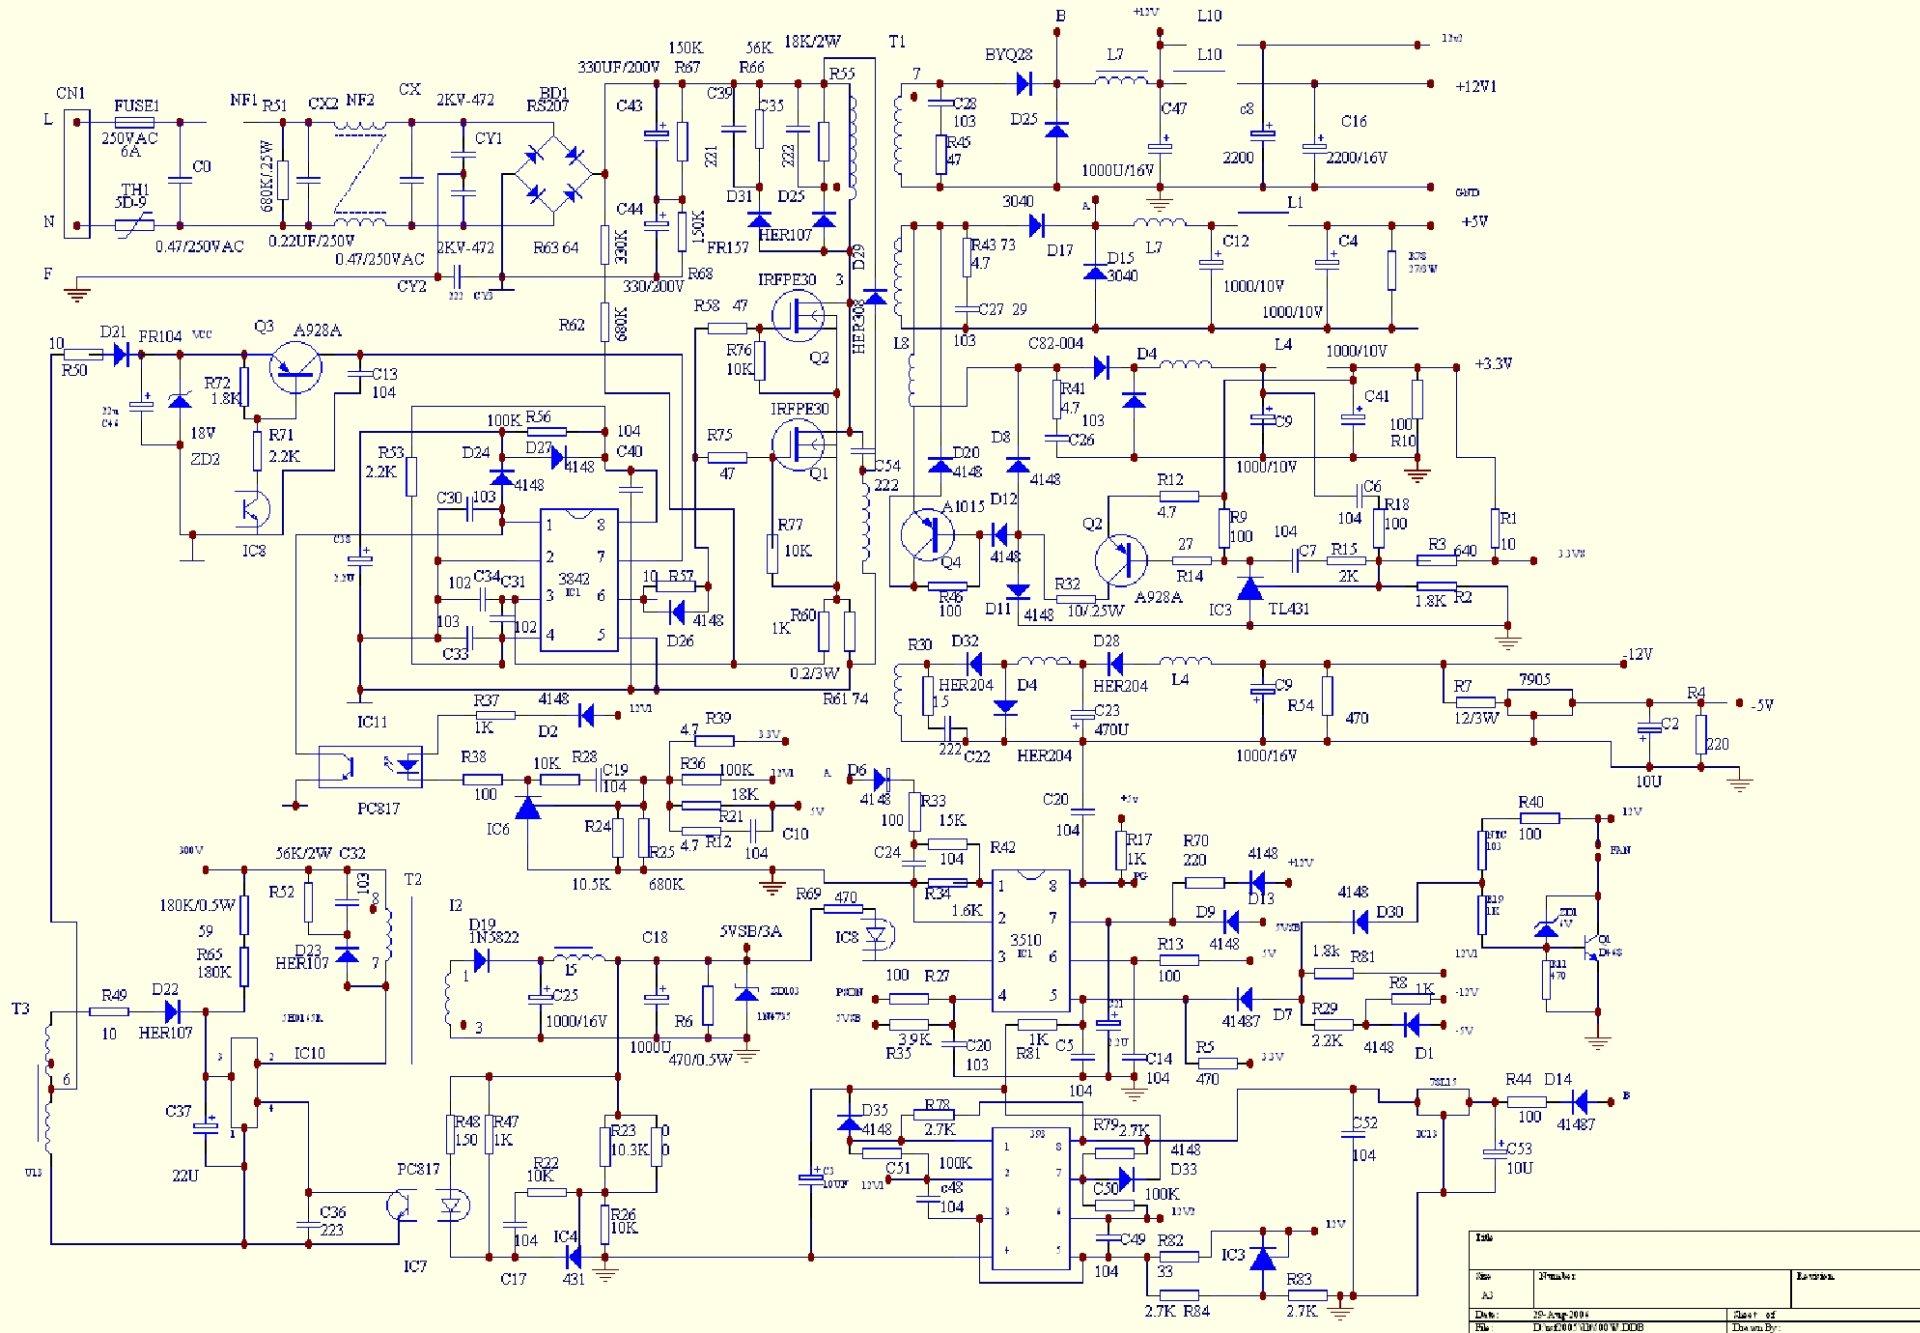 Микролаб схема на блок питания